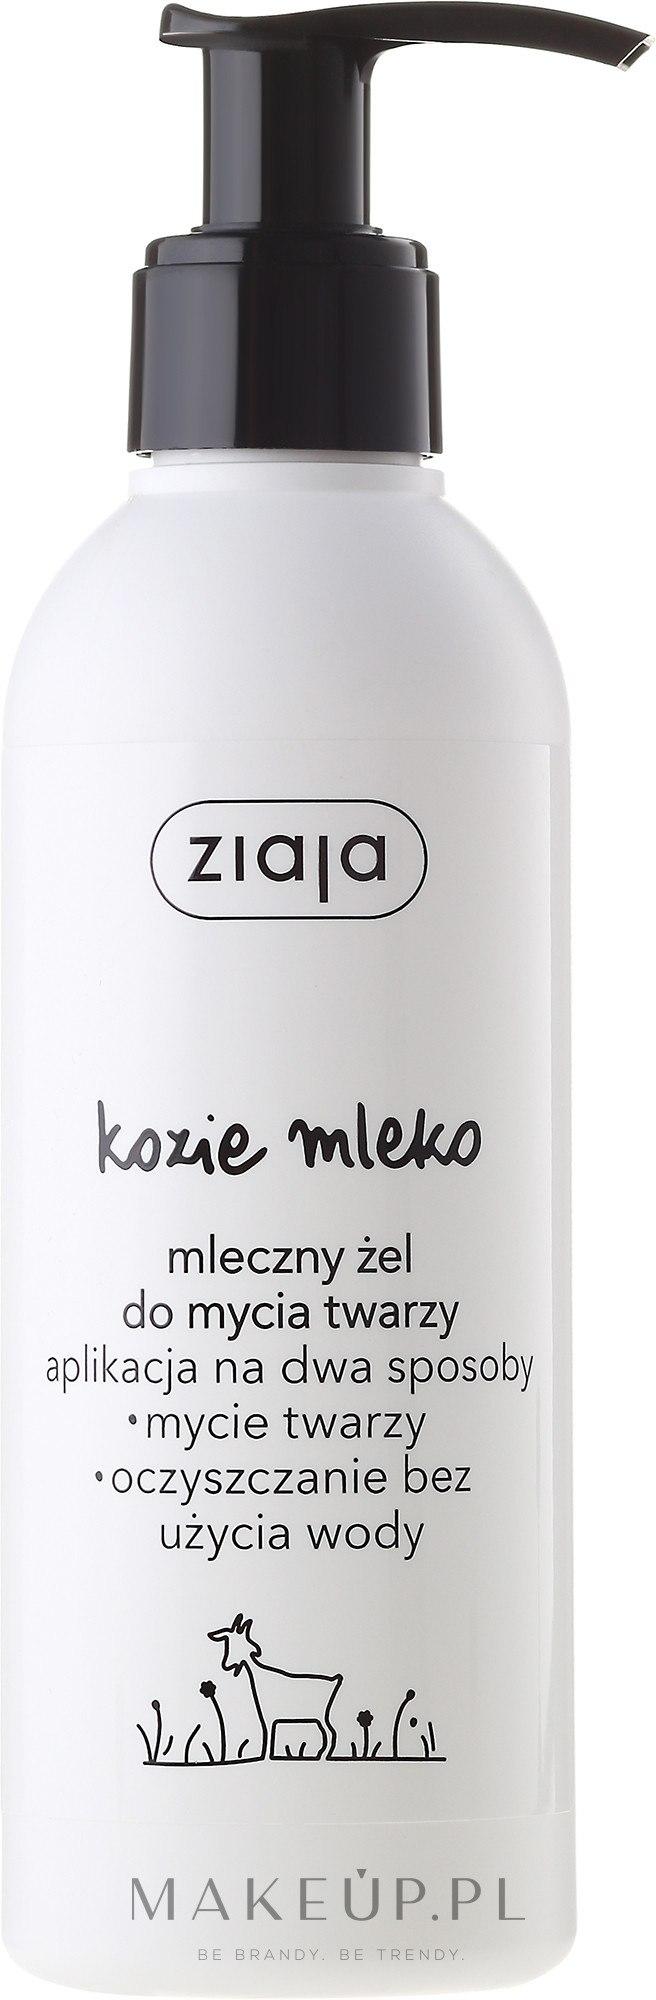 Mleczny żel do mycia twarzy - Ziaja Kozie mleko — фото 200 ml